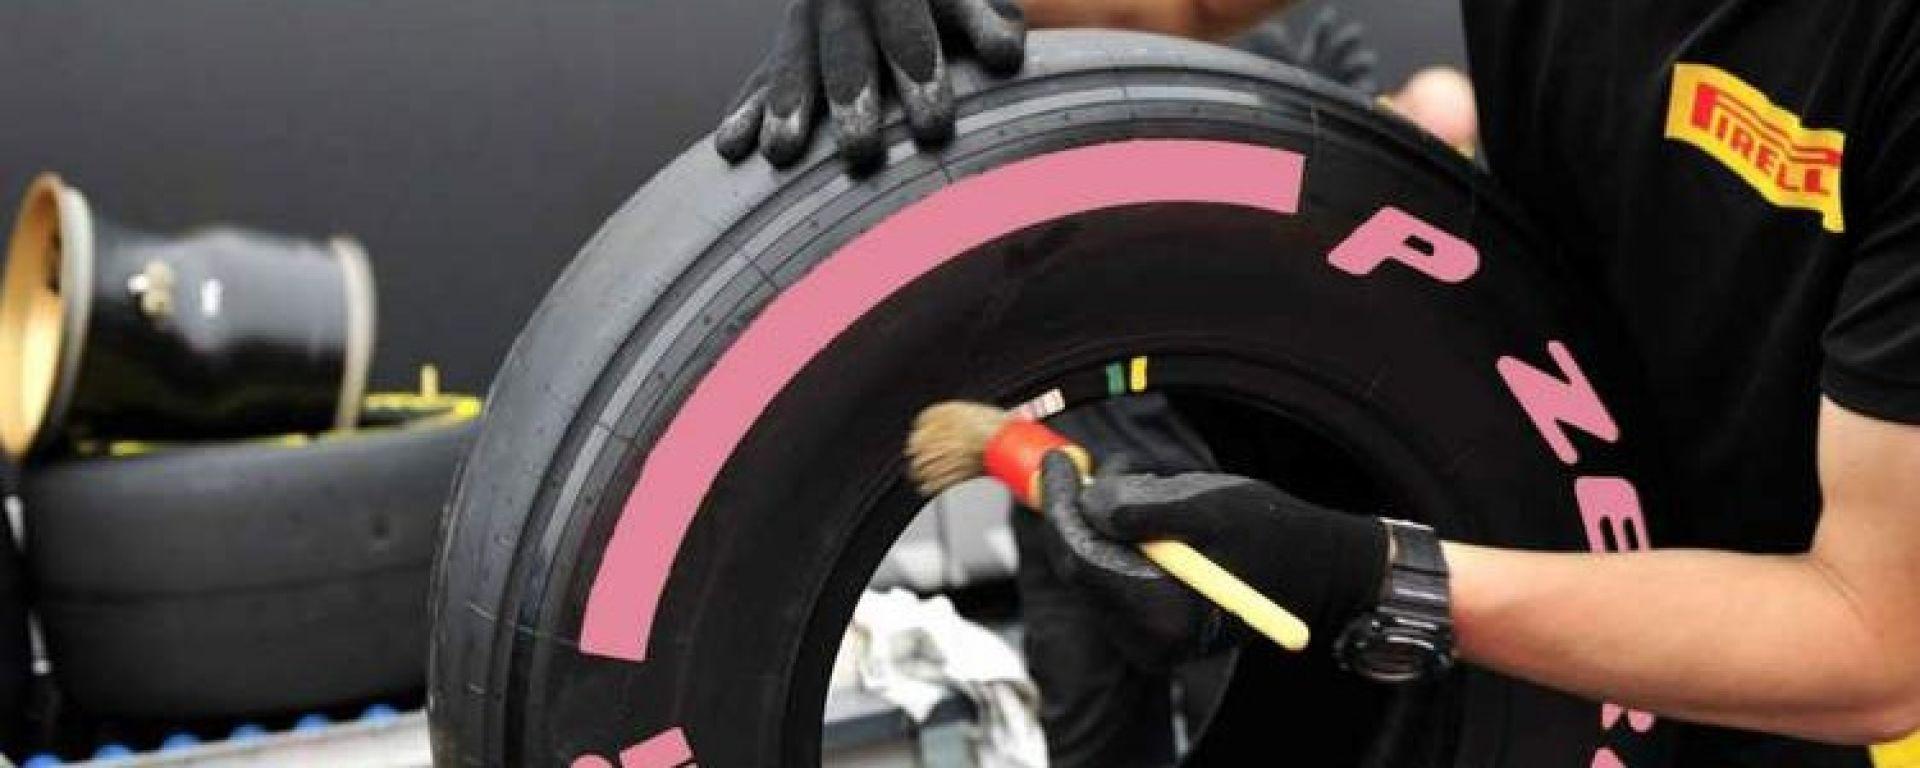 Ecco la Pirelli Pink, la nuova mescola che sarà introdotta nella F1 2018